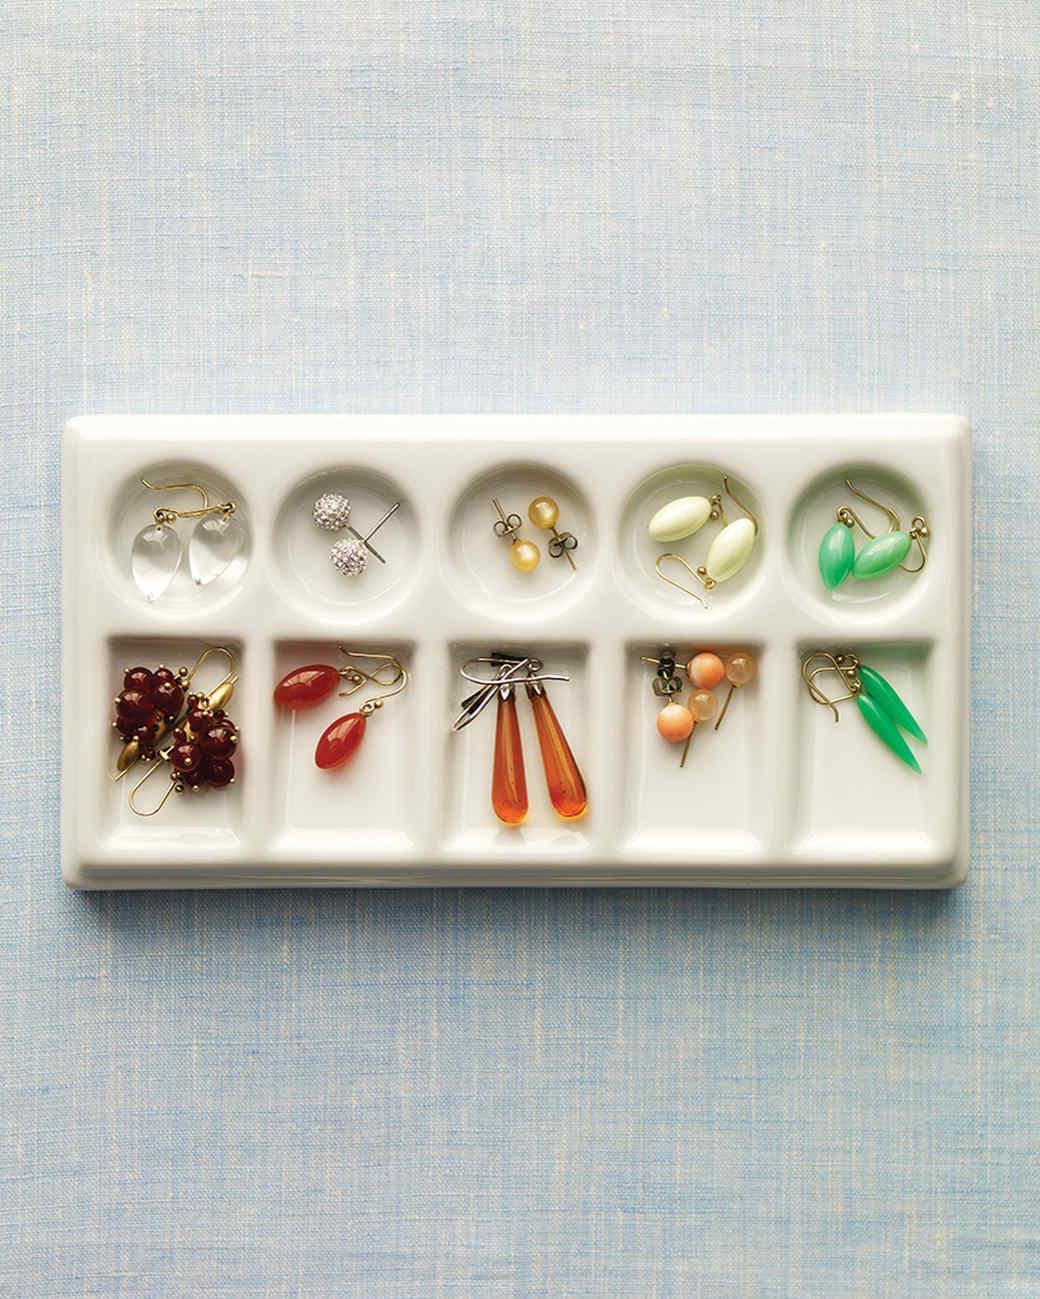 mld105455_0310_earrings2.jpg